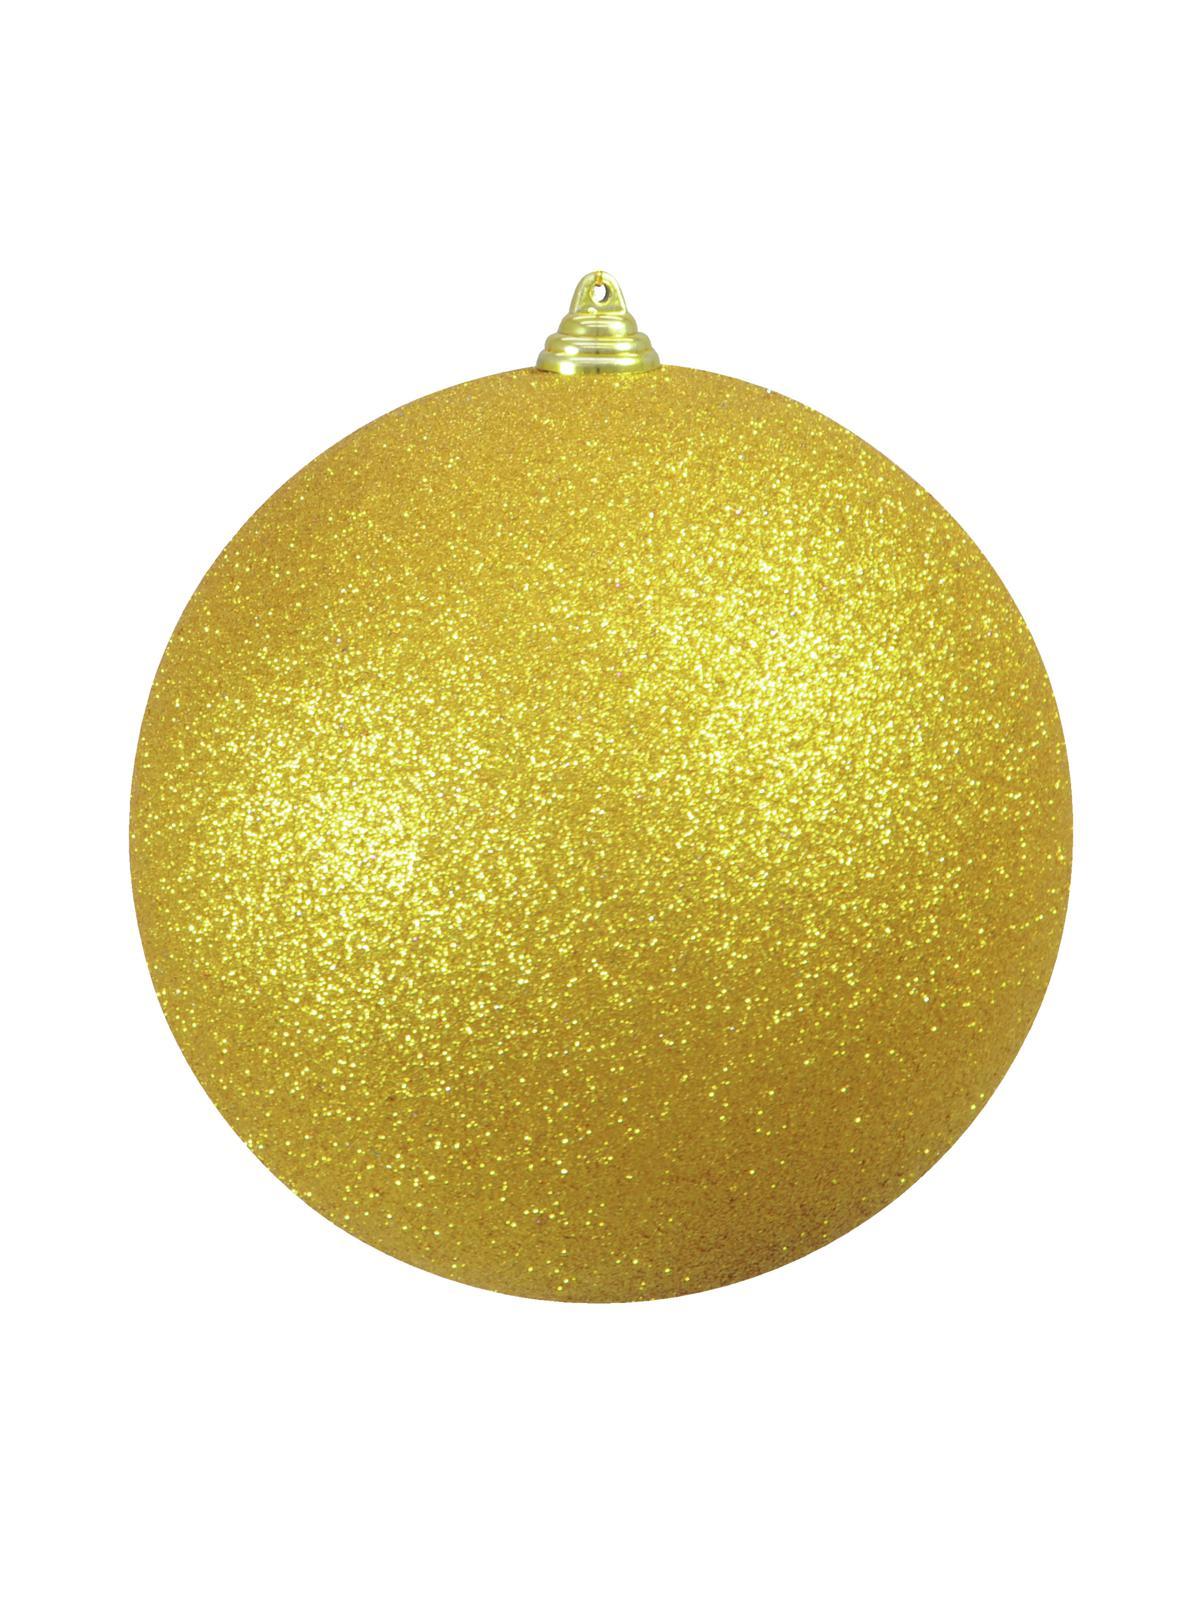 EUROPALMS Decoball 20cm, oro, glitter